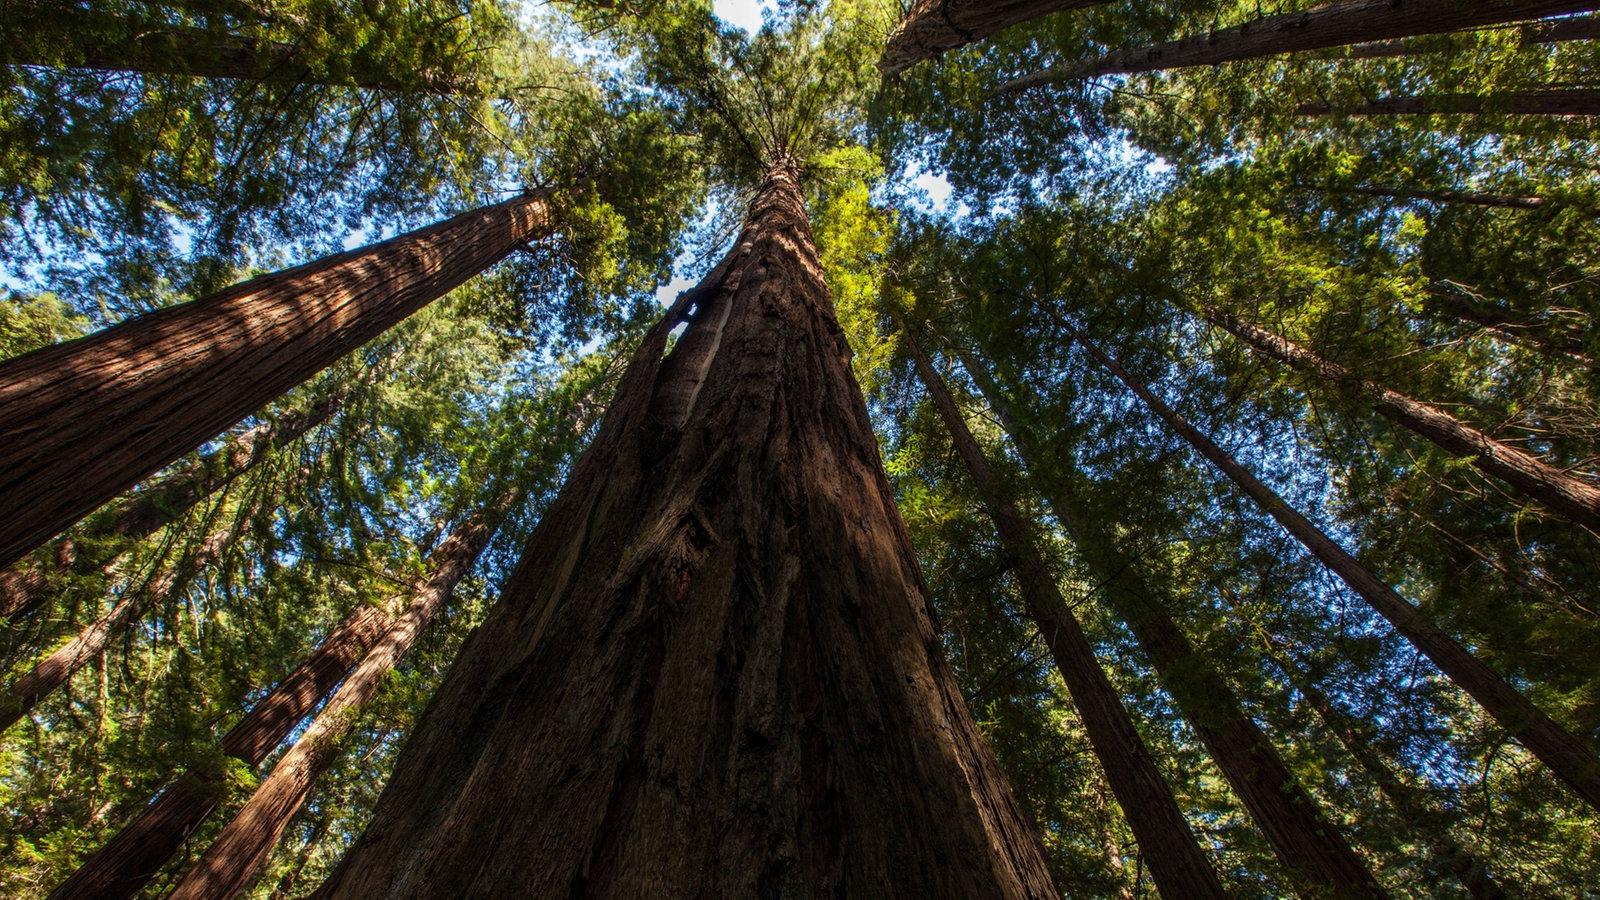 bäume kalifornischer urwald  pflanzen  natur  planet